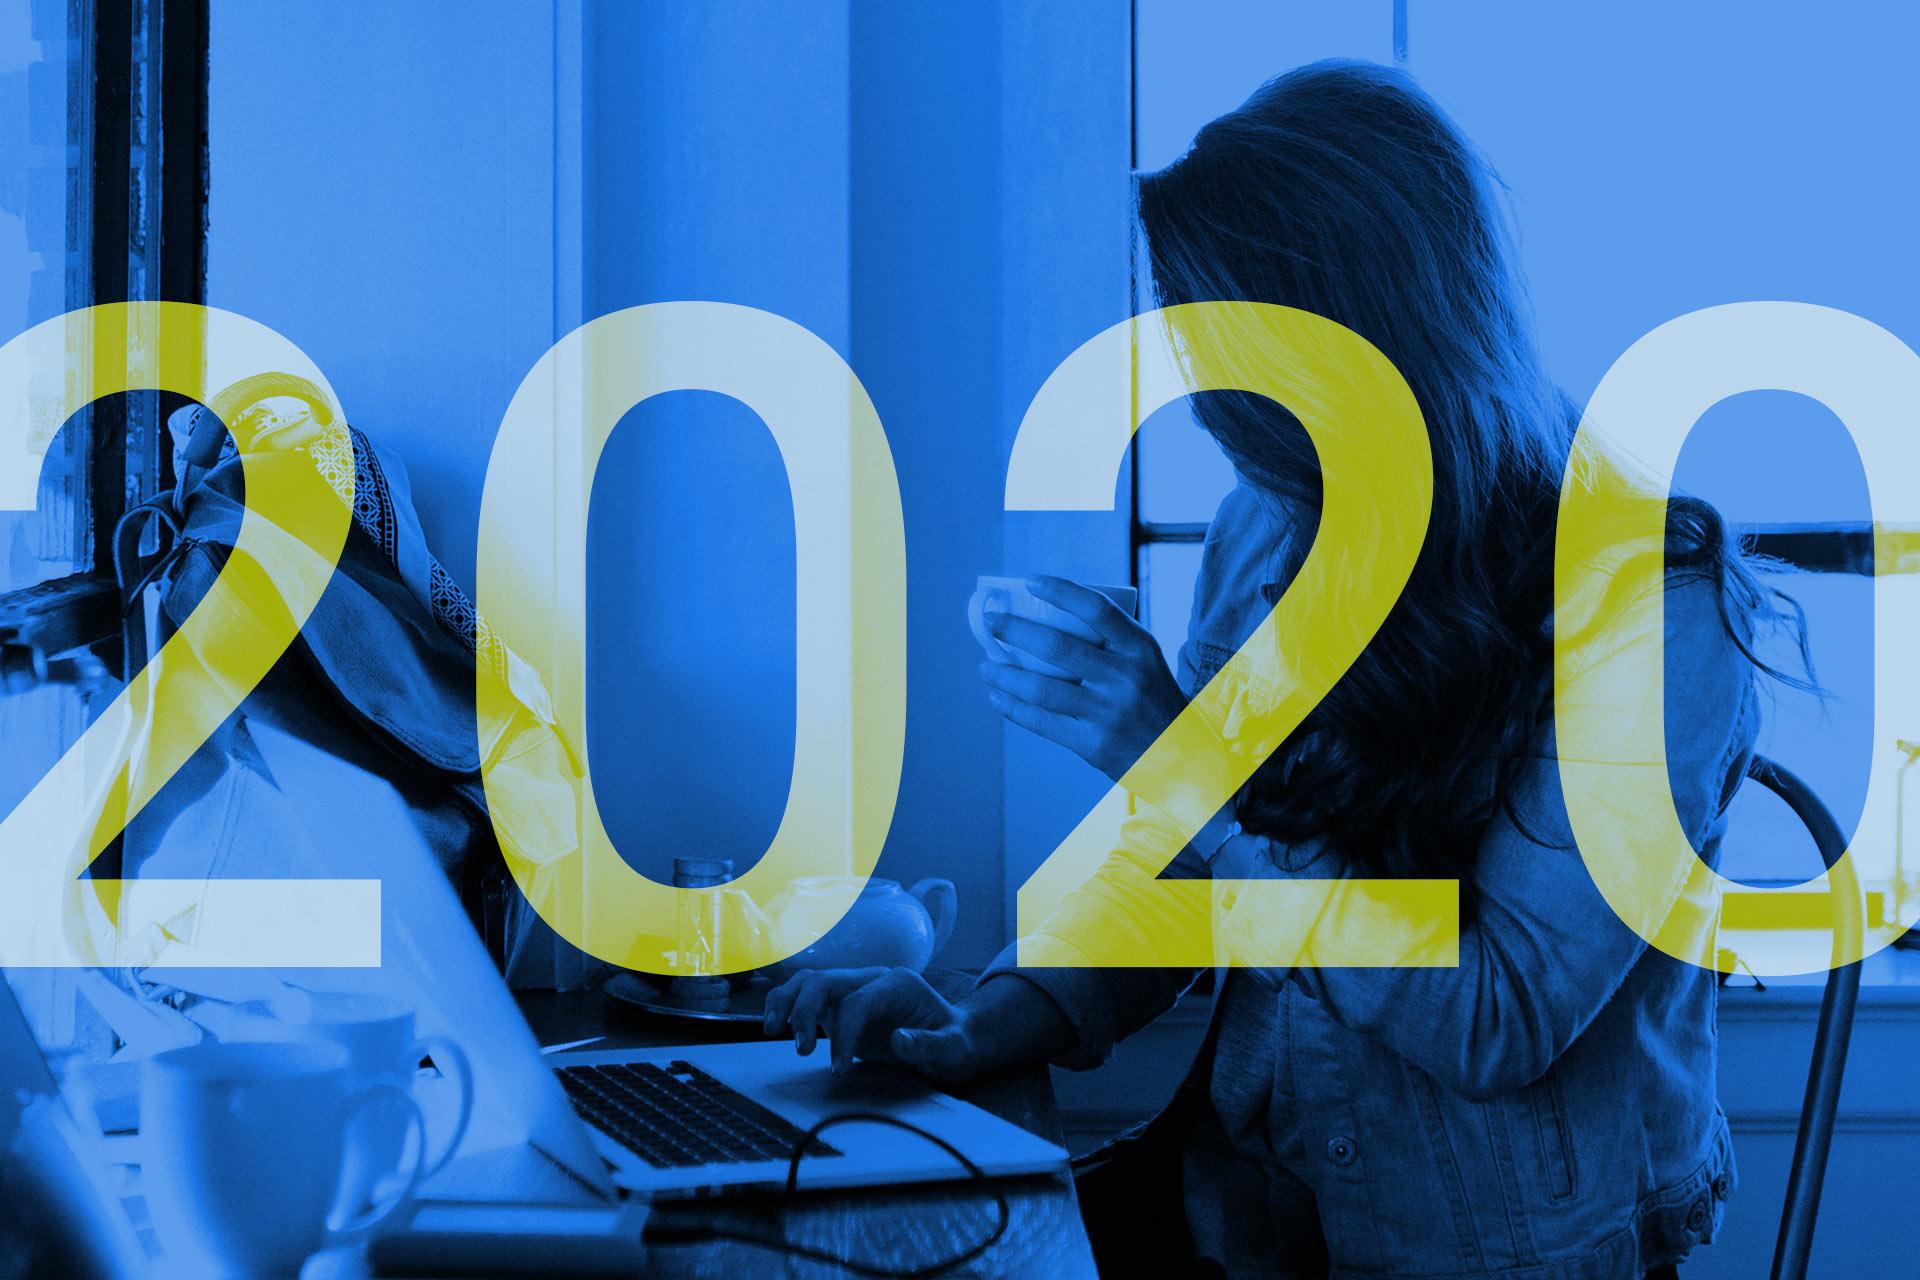 Im Vordergrund steht 2020, im Hintergrund ist eine Person zu sehen, die vor ihrem Laptop sitzt und arbeitet.